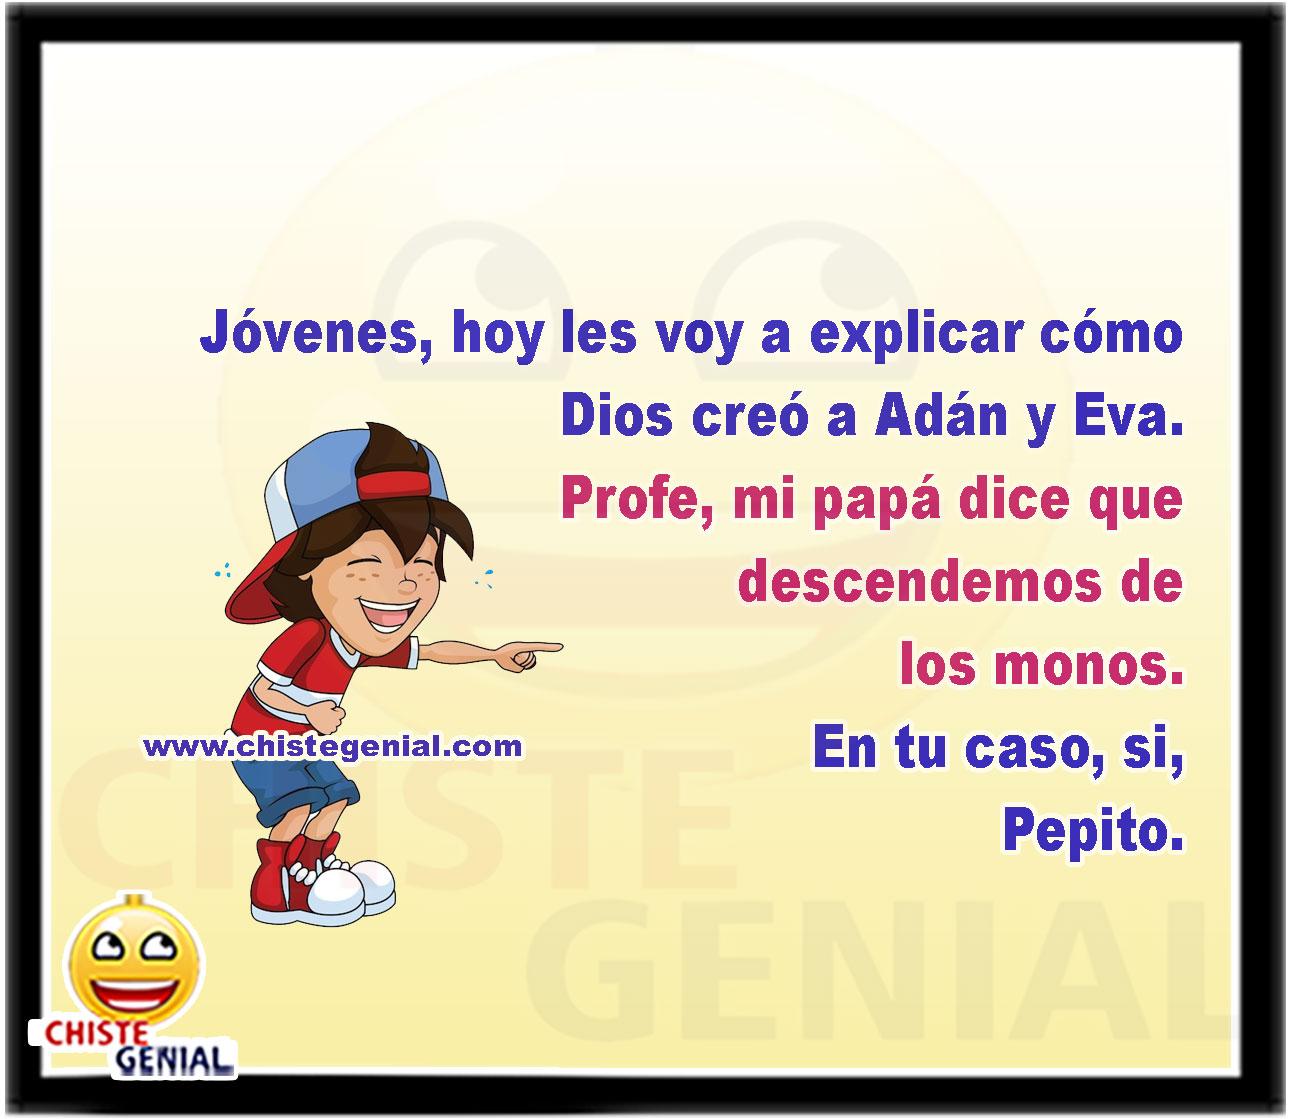 Jóvenes, hoy les voy a explicar cómo Dios creó a Adán y Eva.  Profe, mi papá dice que descendemos de los monos.  En tu caso, si, Pepito.